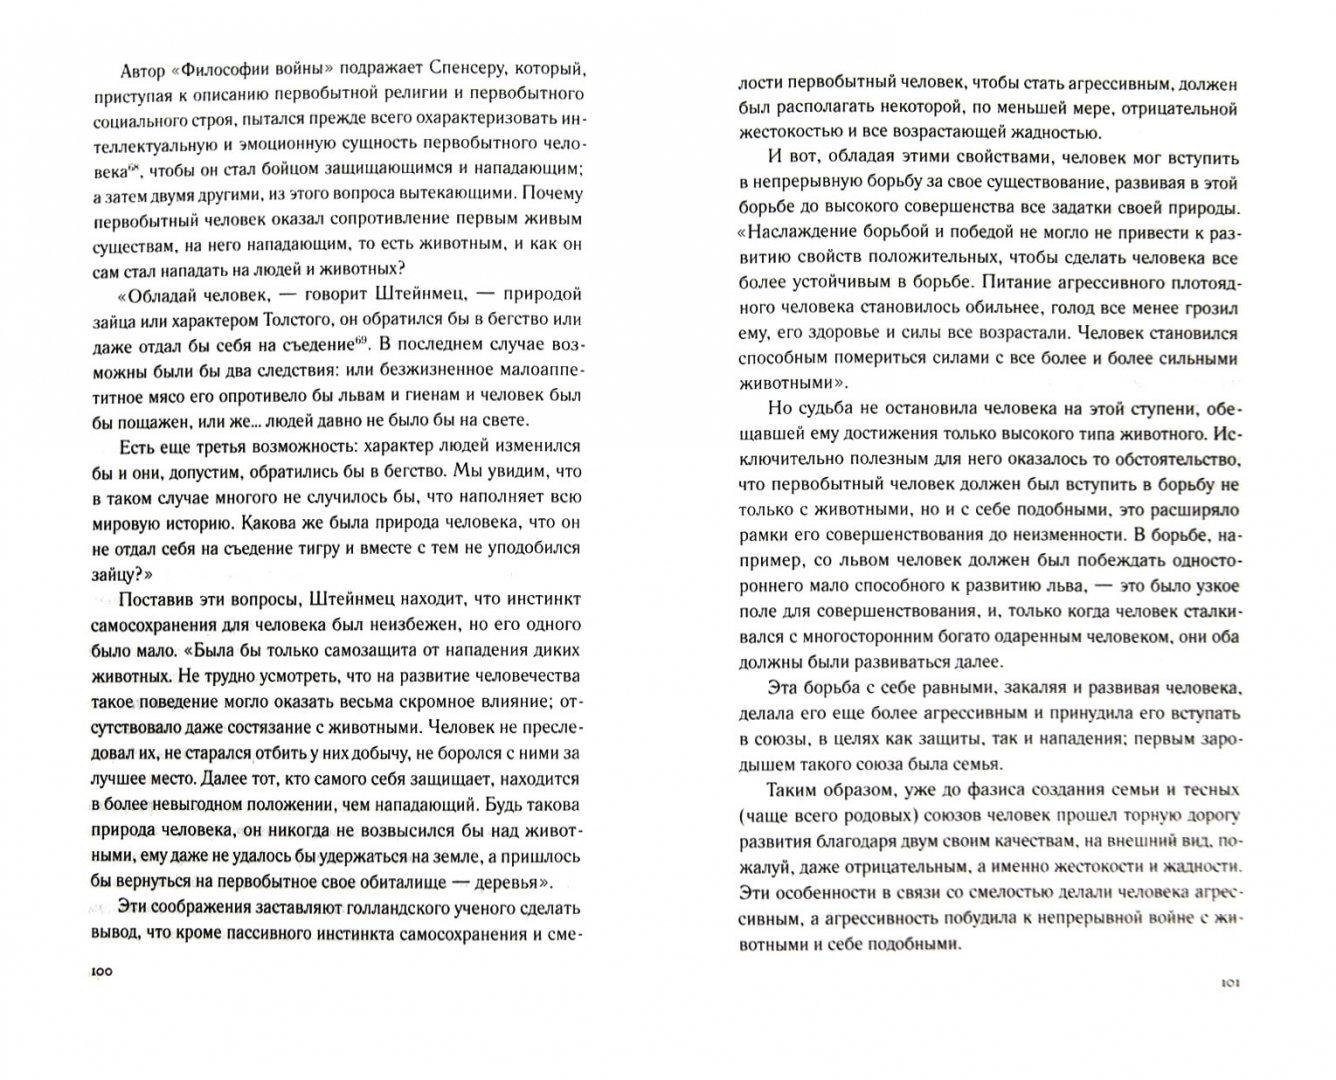 Иллюстрация 1 из 44 для Философия войны - Андрей Снесарев | Лабиринт - книги. Источник: Лабиринт